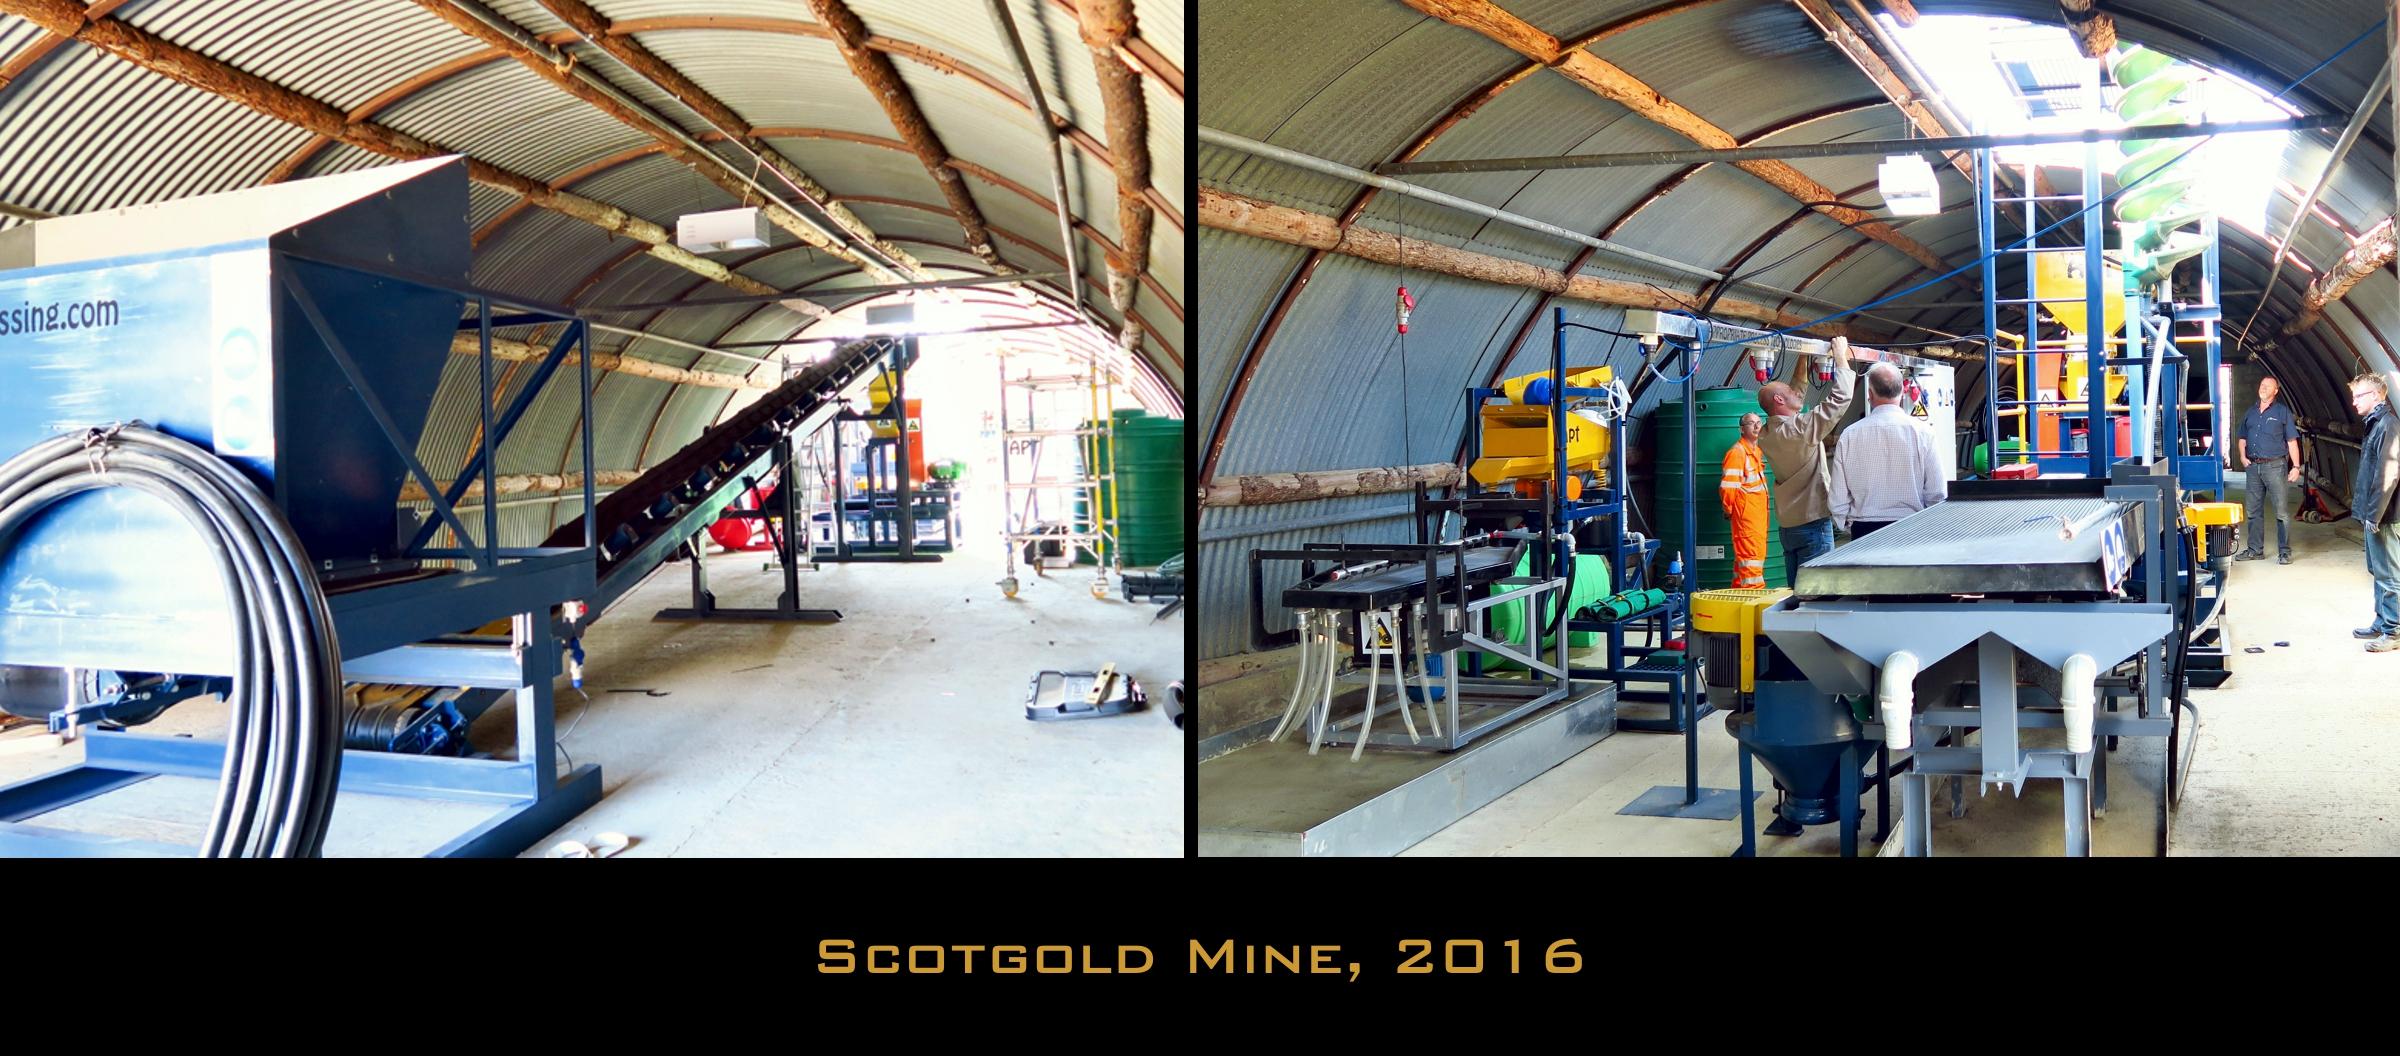 scotland mining